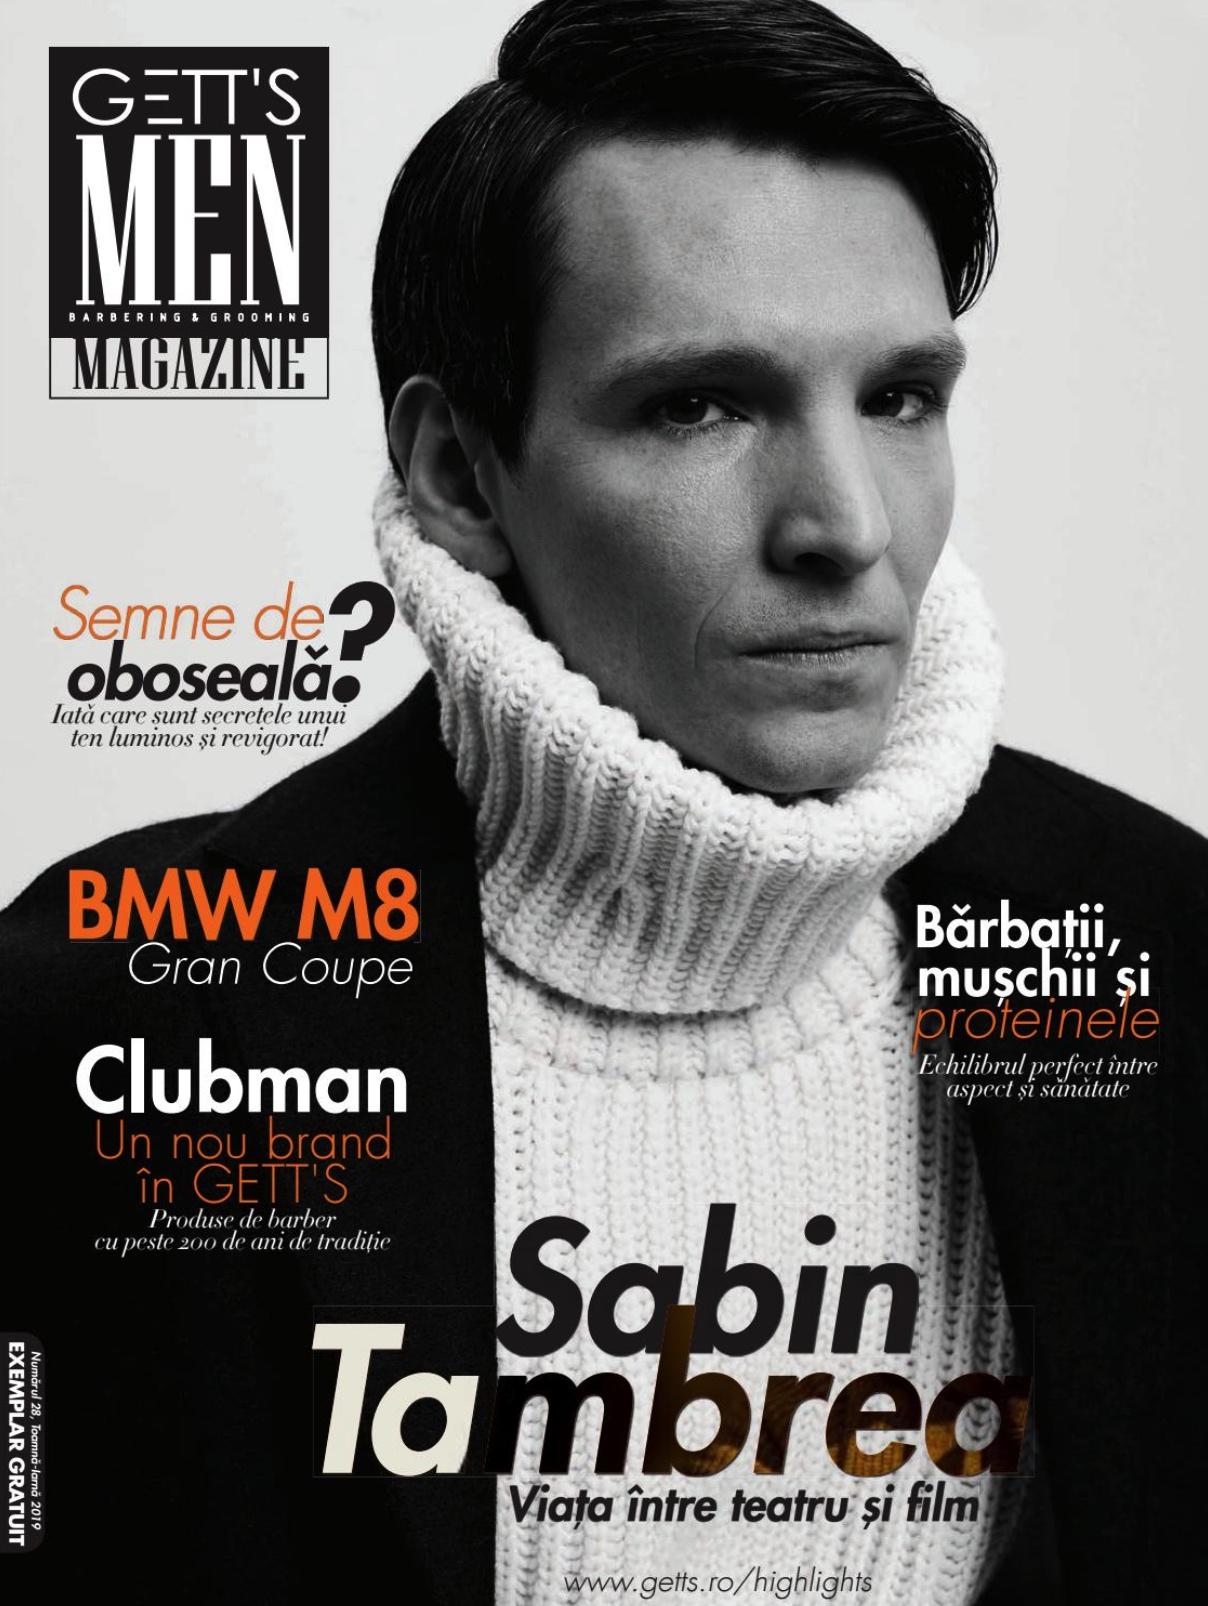 GettsMenMagazine_Cover_Sabin_Tambrea